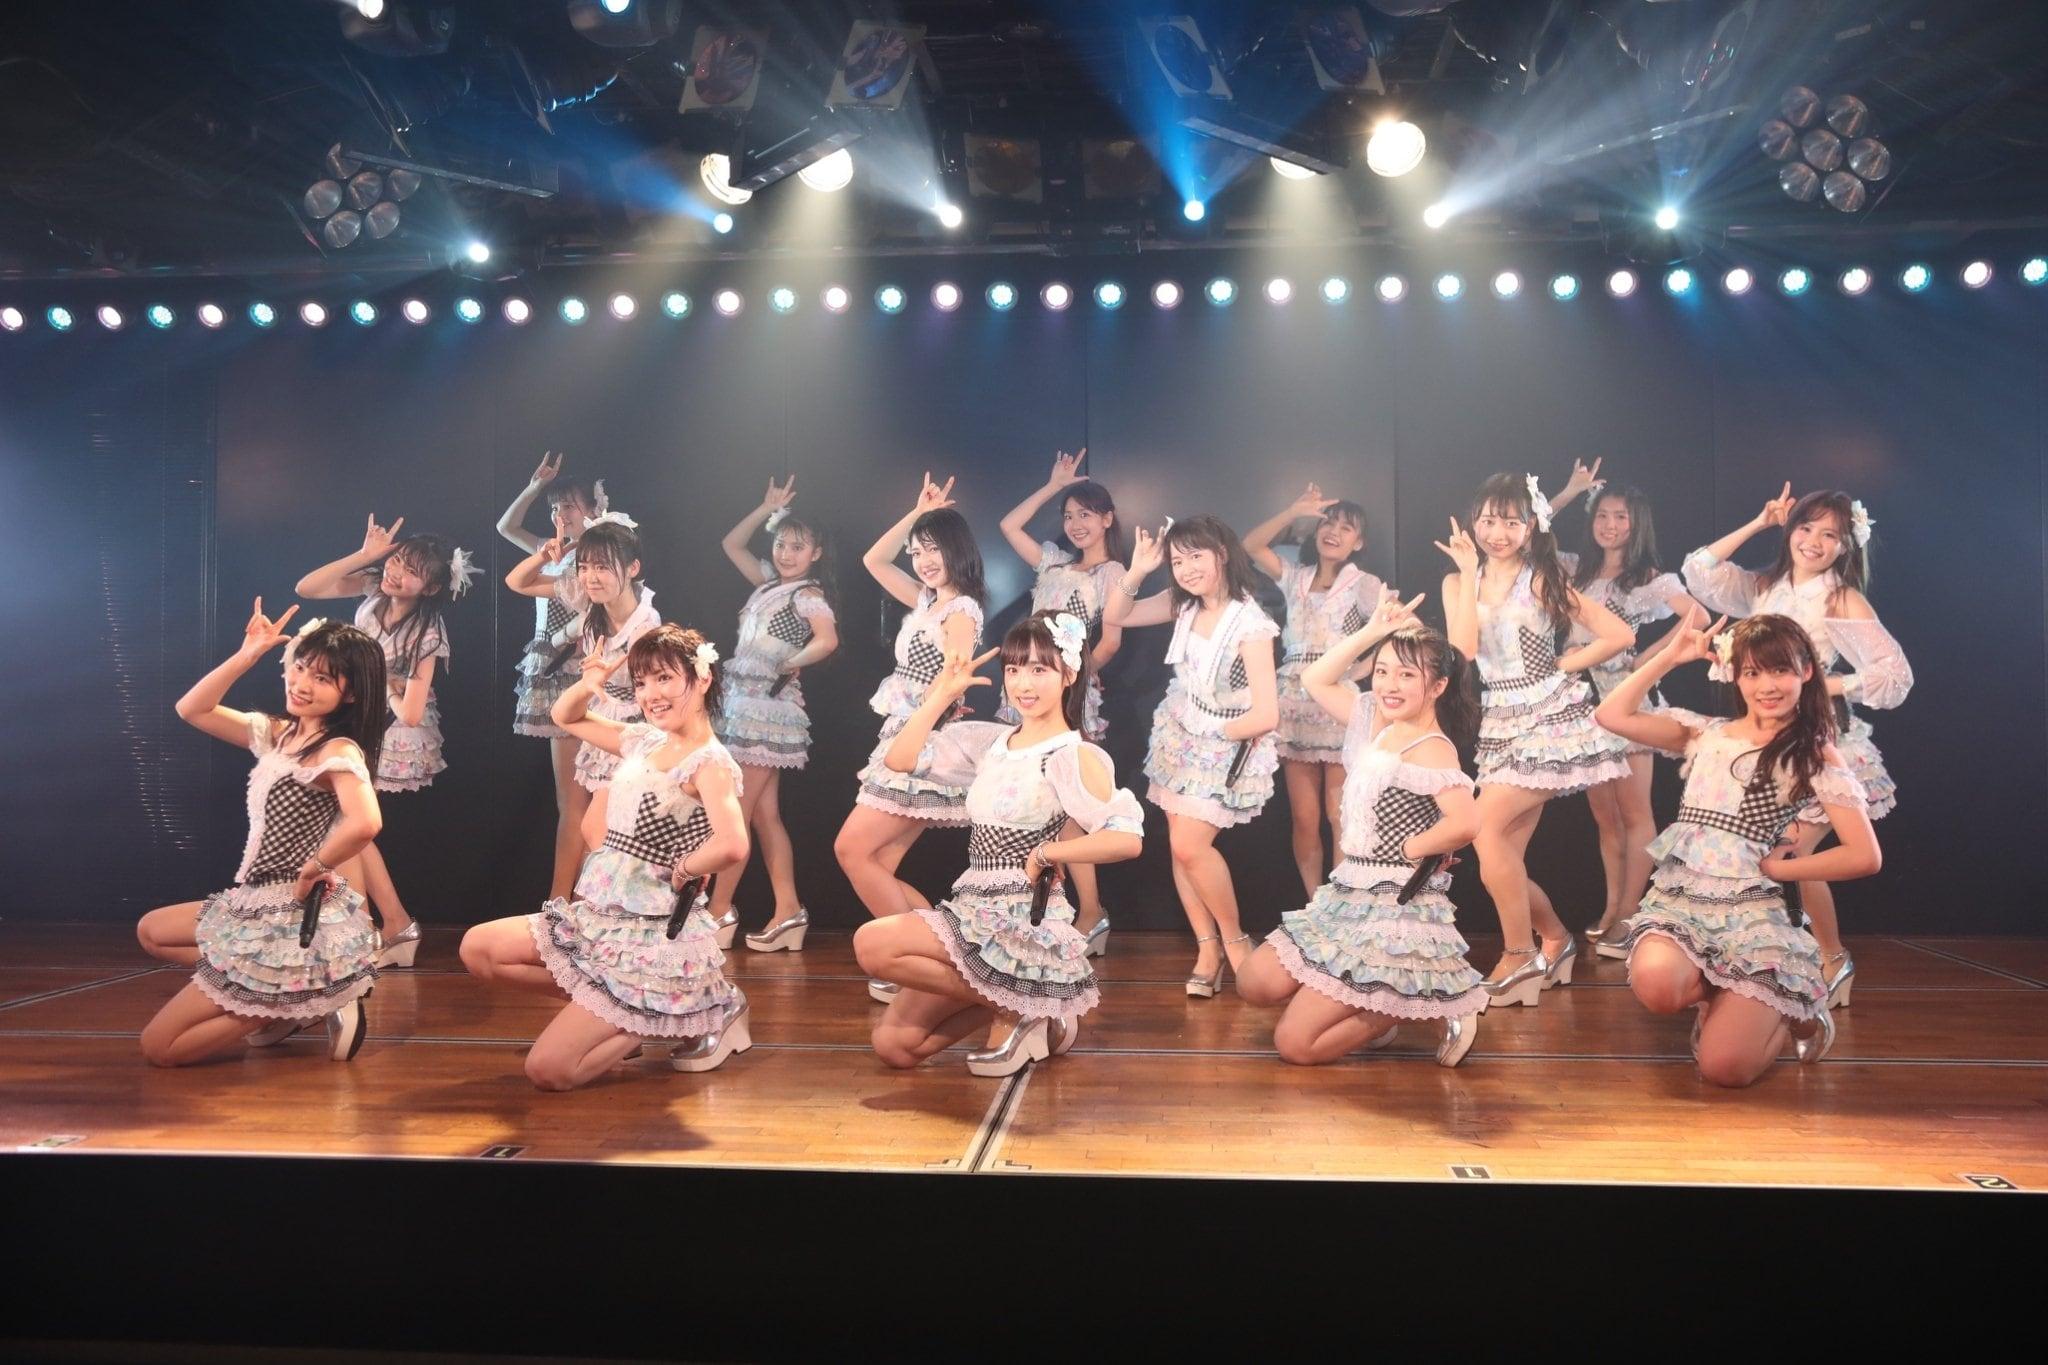 柏木由紀がセットリストを考案!AKB48新公演「僕の夏が始まる」が開幕【写真9枚】の画像008